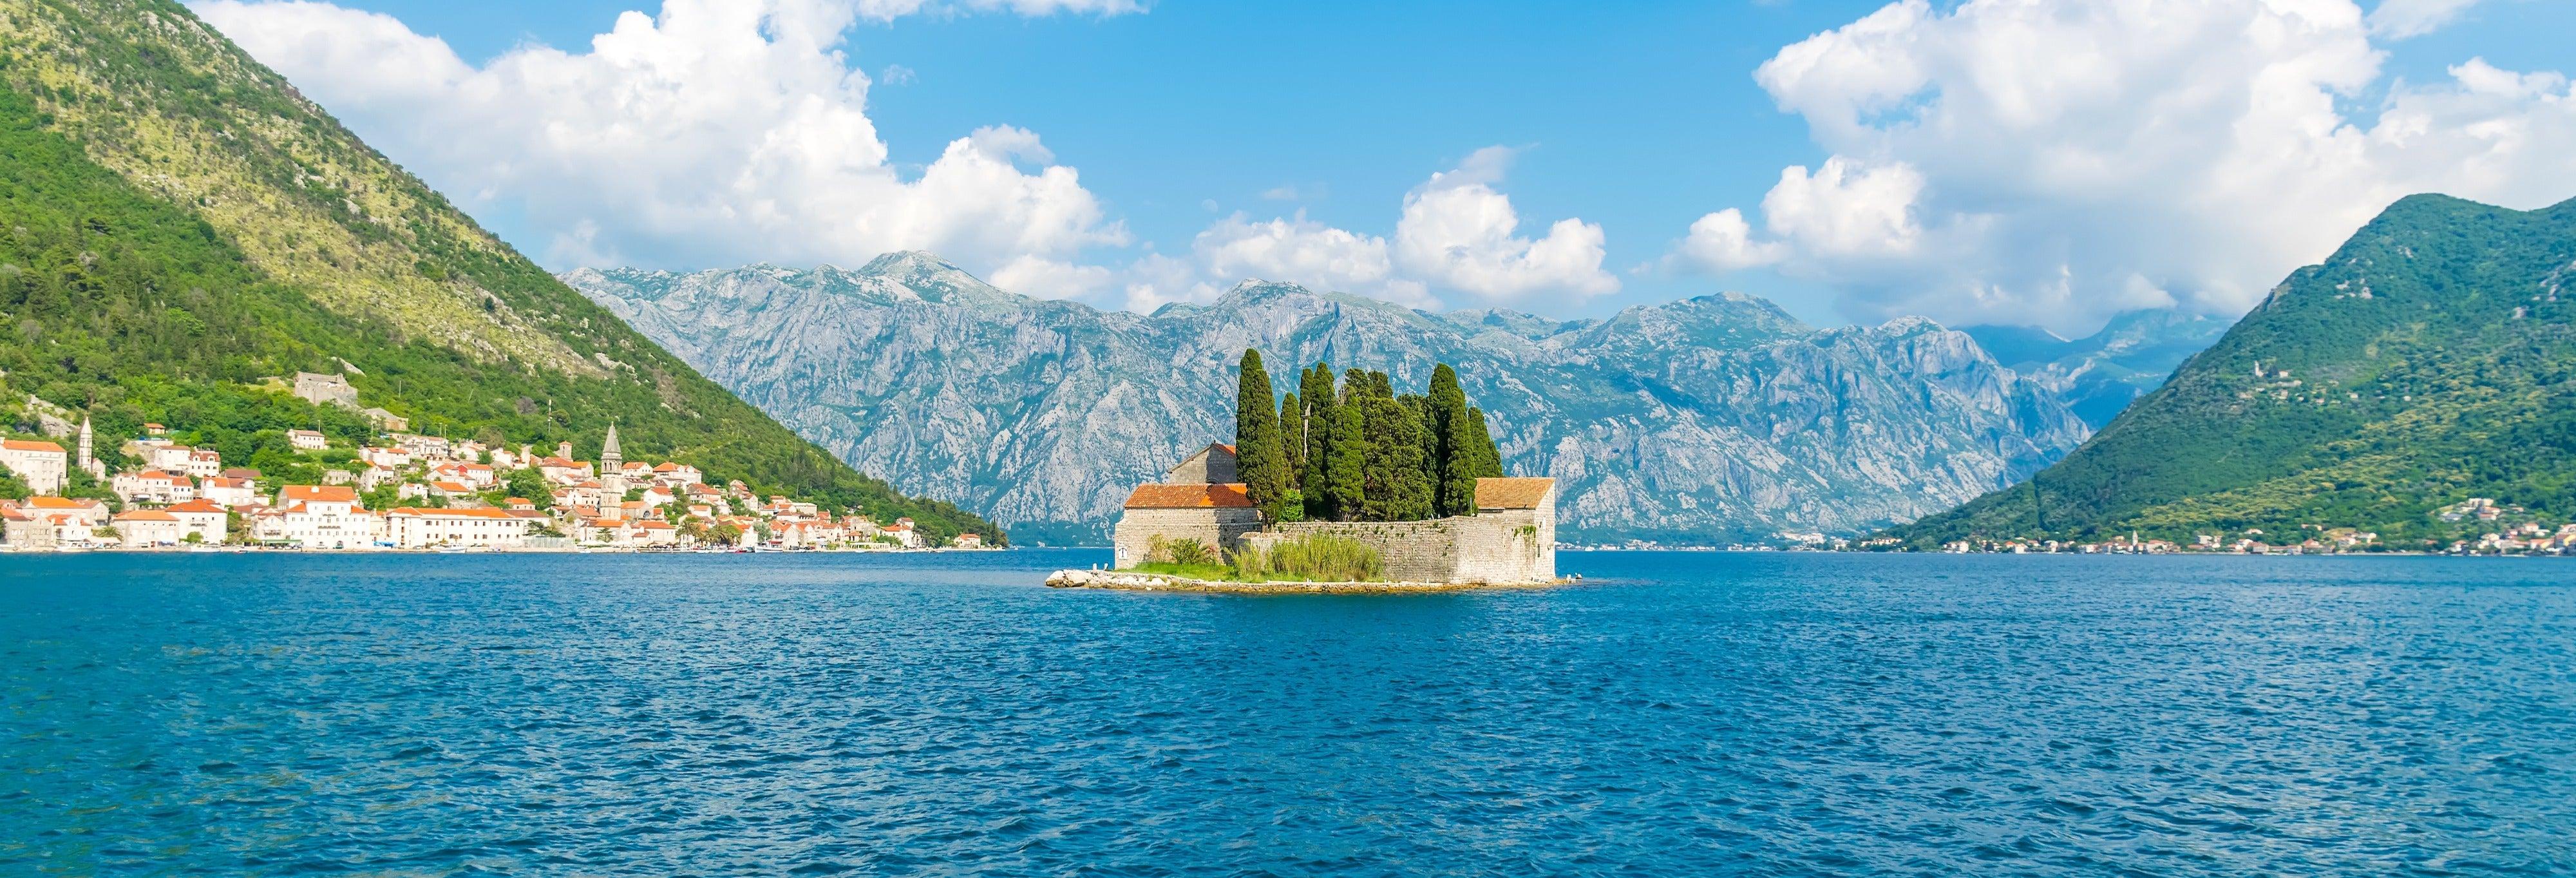 Giro in barca privata nella baia di Kotor